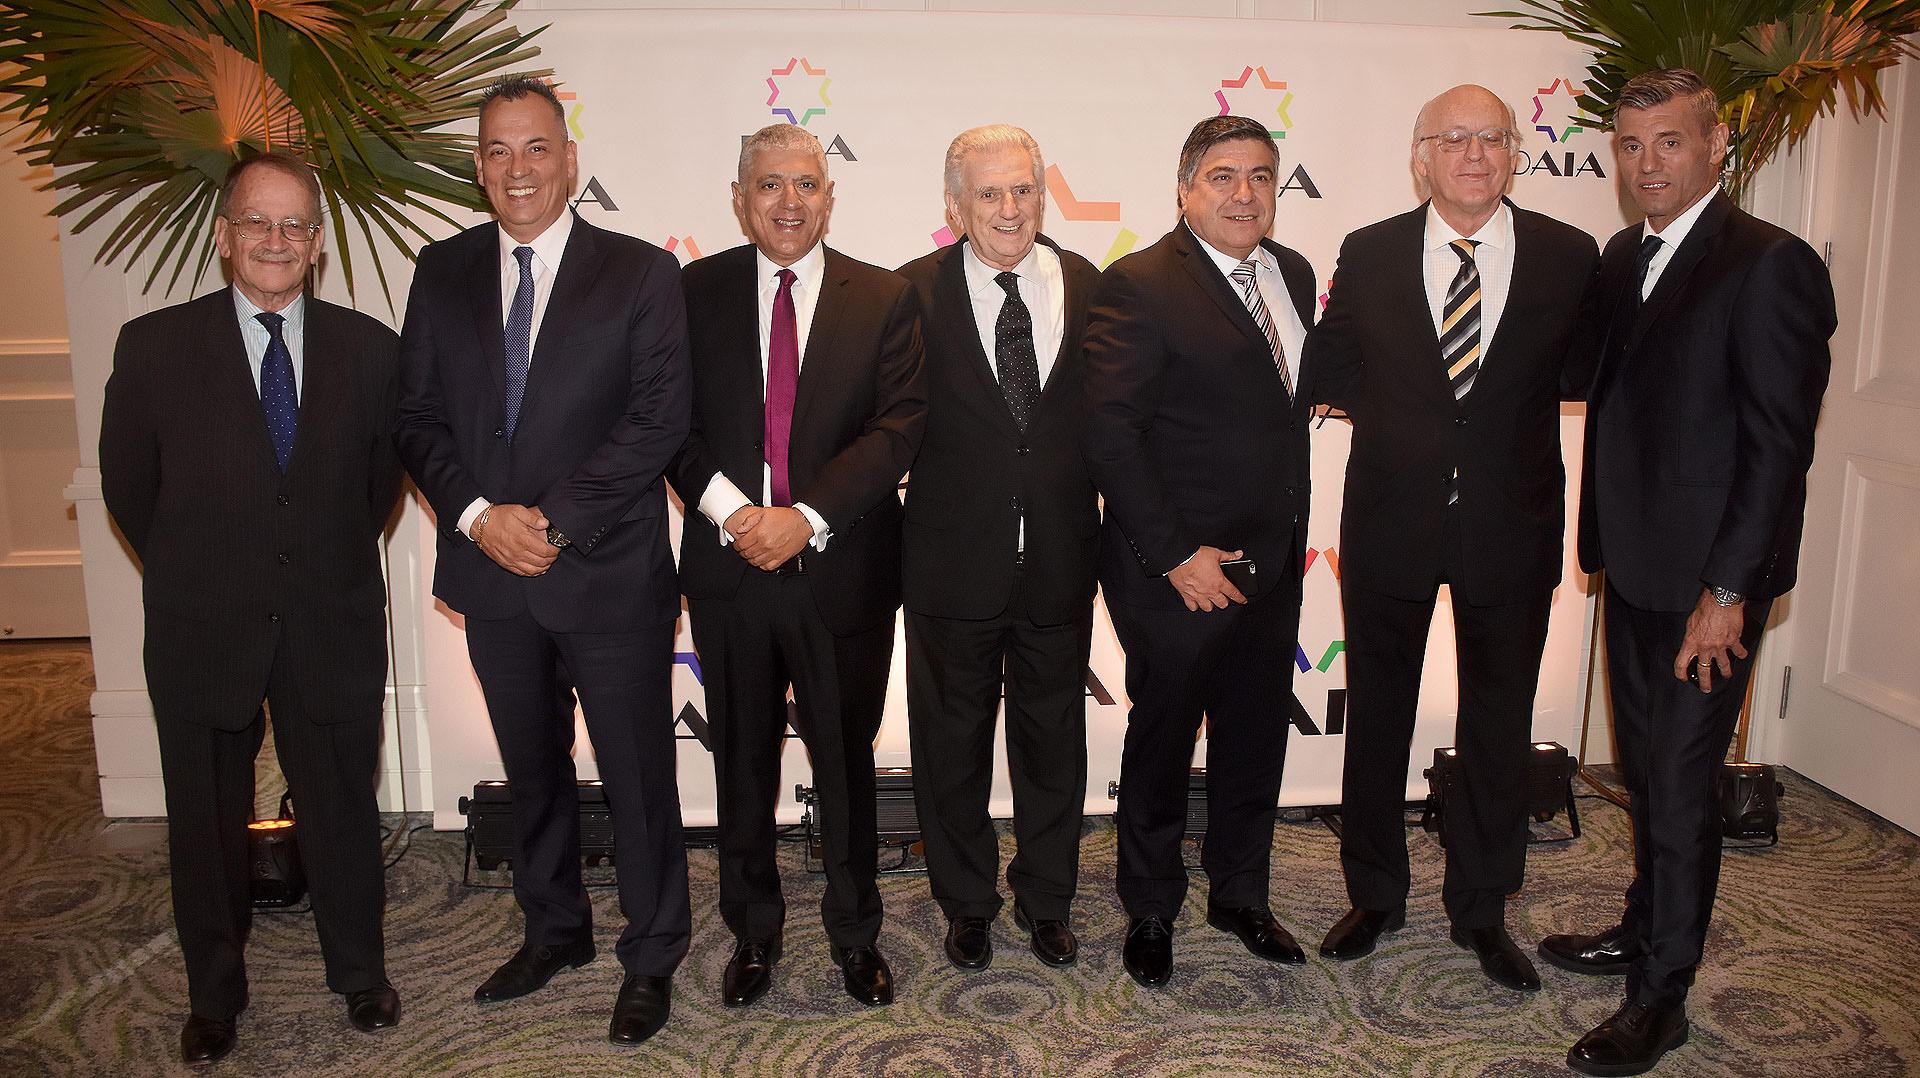 Sergio Goycochea también estuvo entre los invitados a la gran cena de la DAIA /// Fotos: Nicolás Stulberg